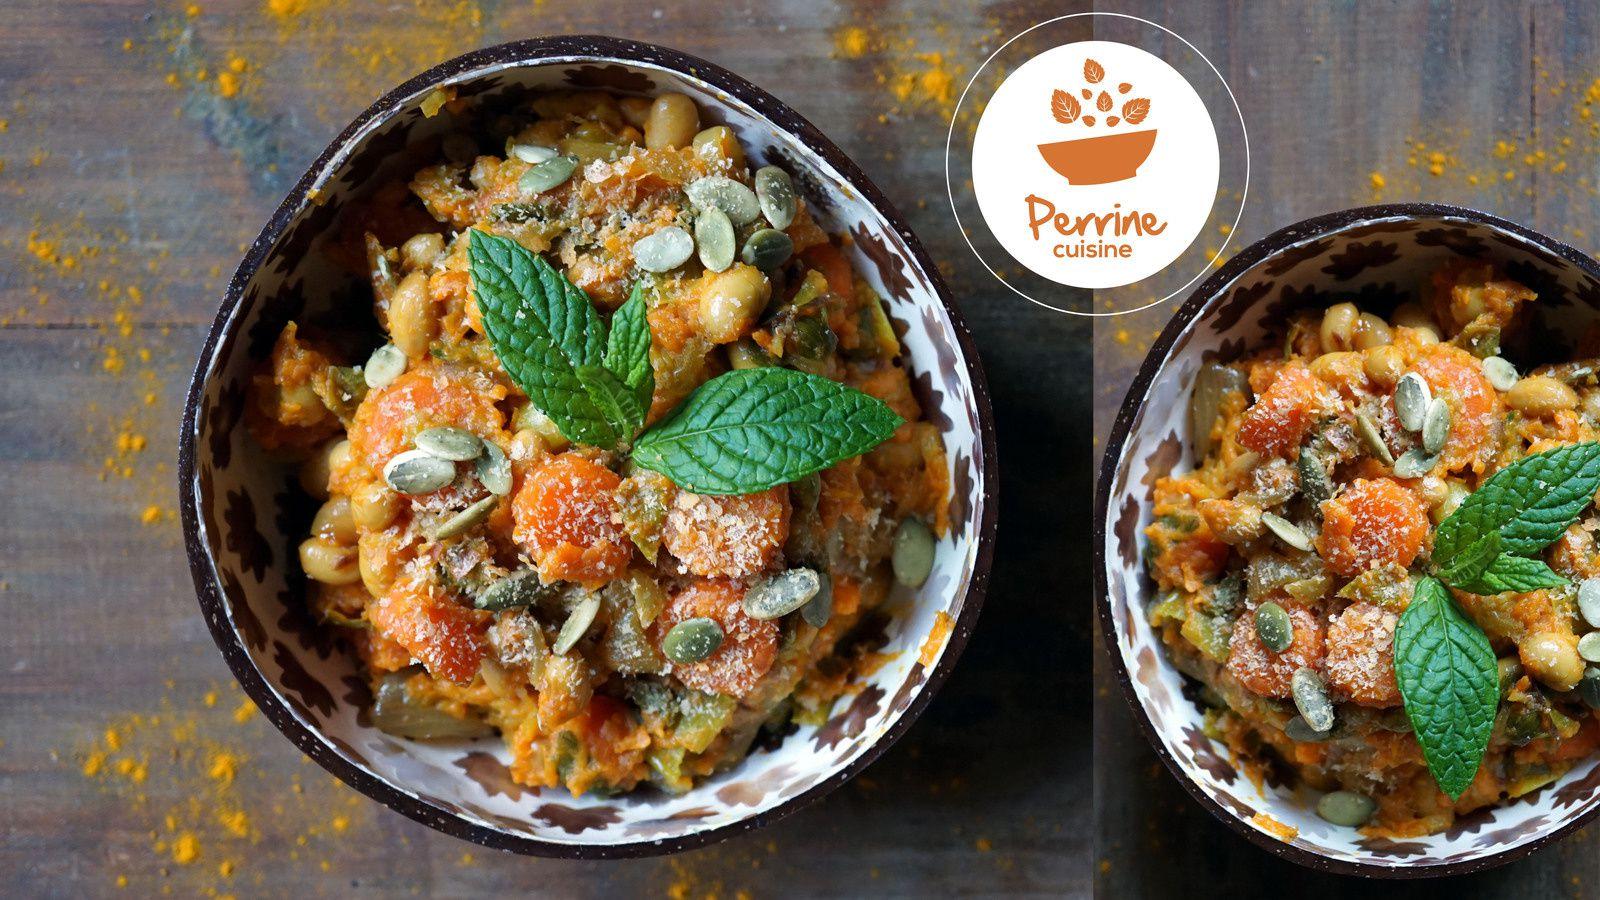 Fondue de légumes au curcuma et graines de soja Perrine cuisine